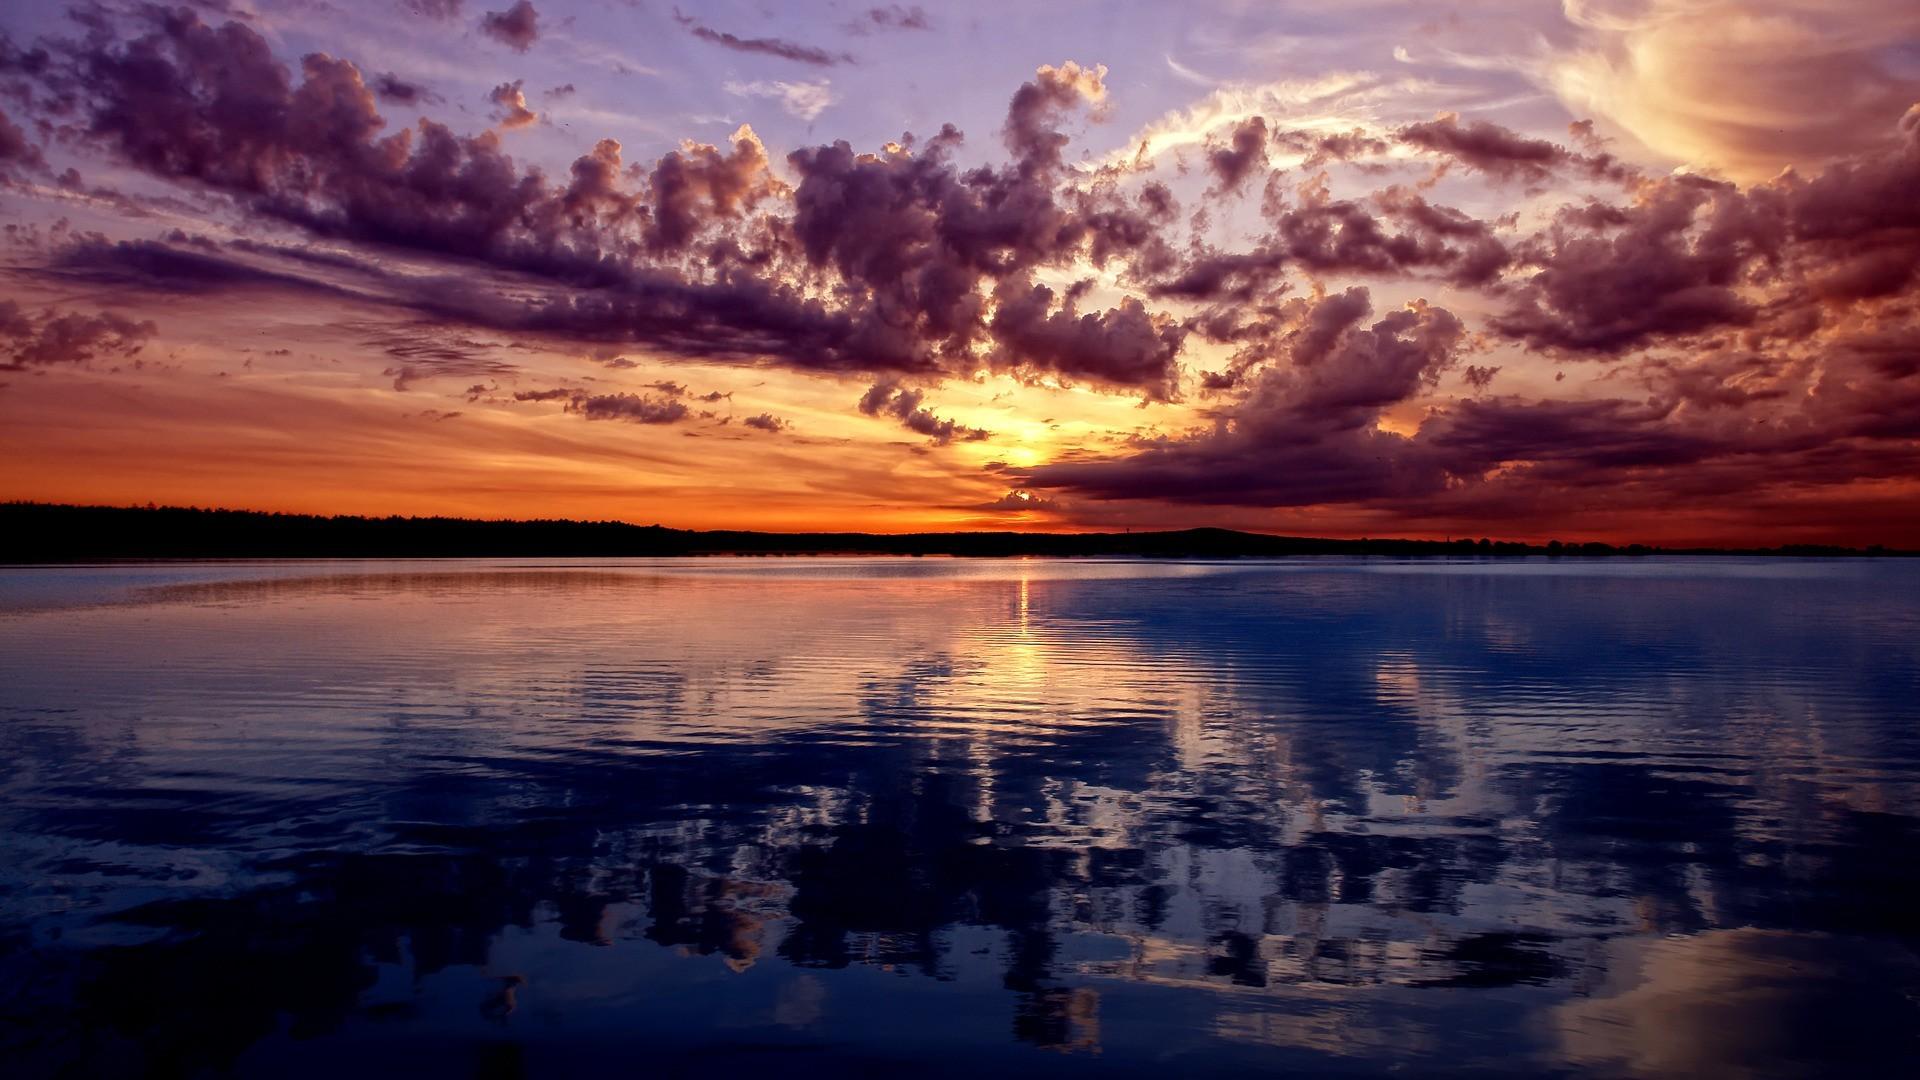 Beautiful sky in sunset wallpaper | AllWallpaper.in #16541 | PC | en